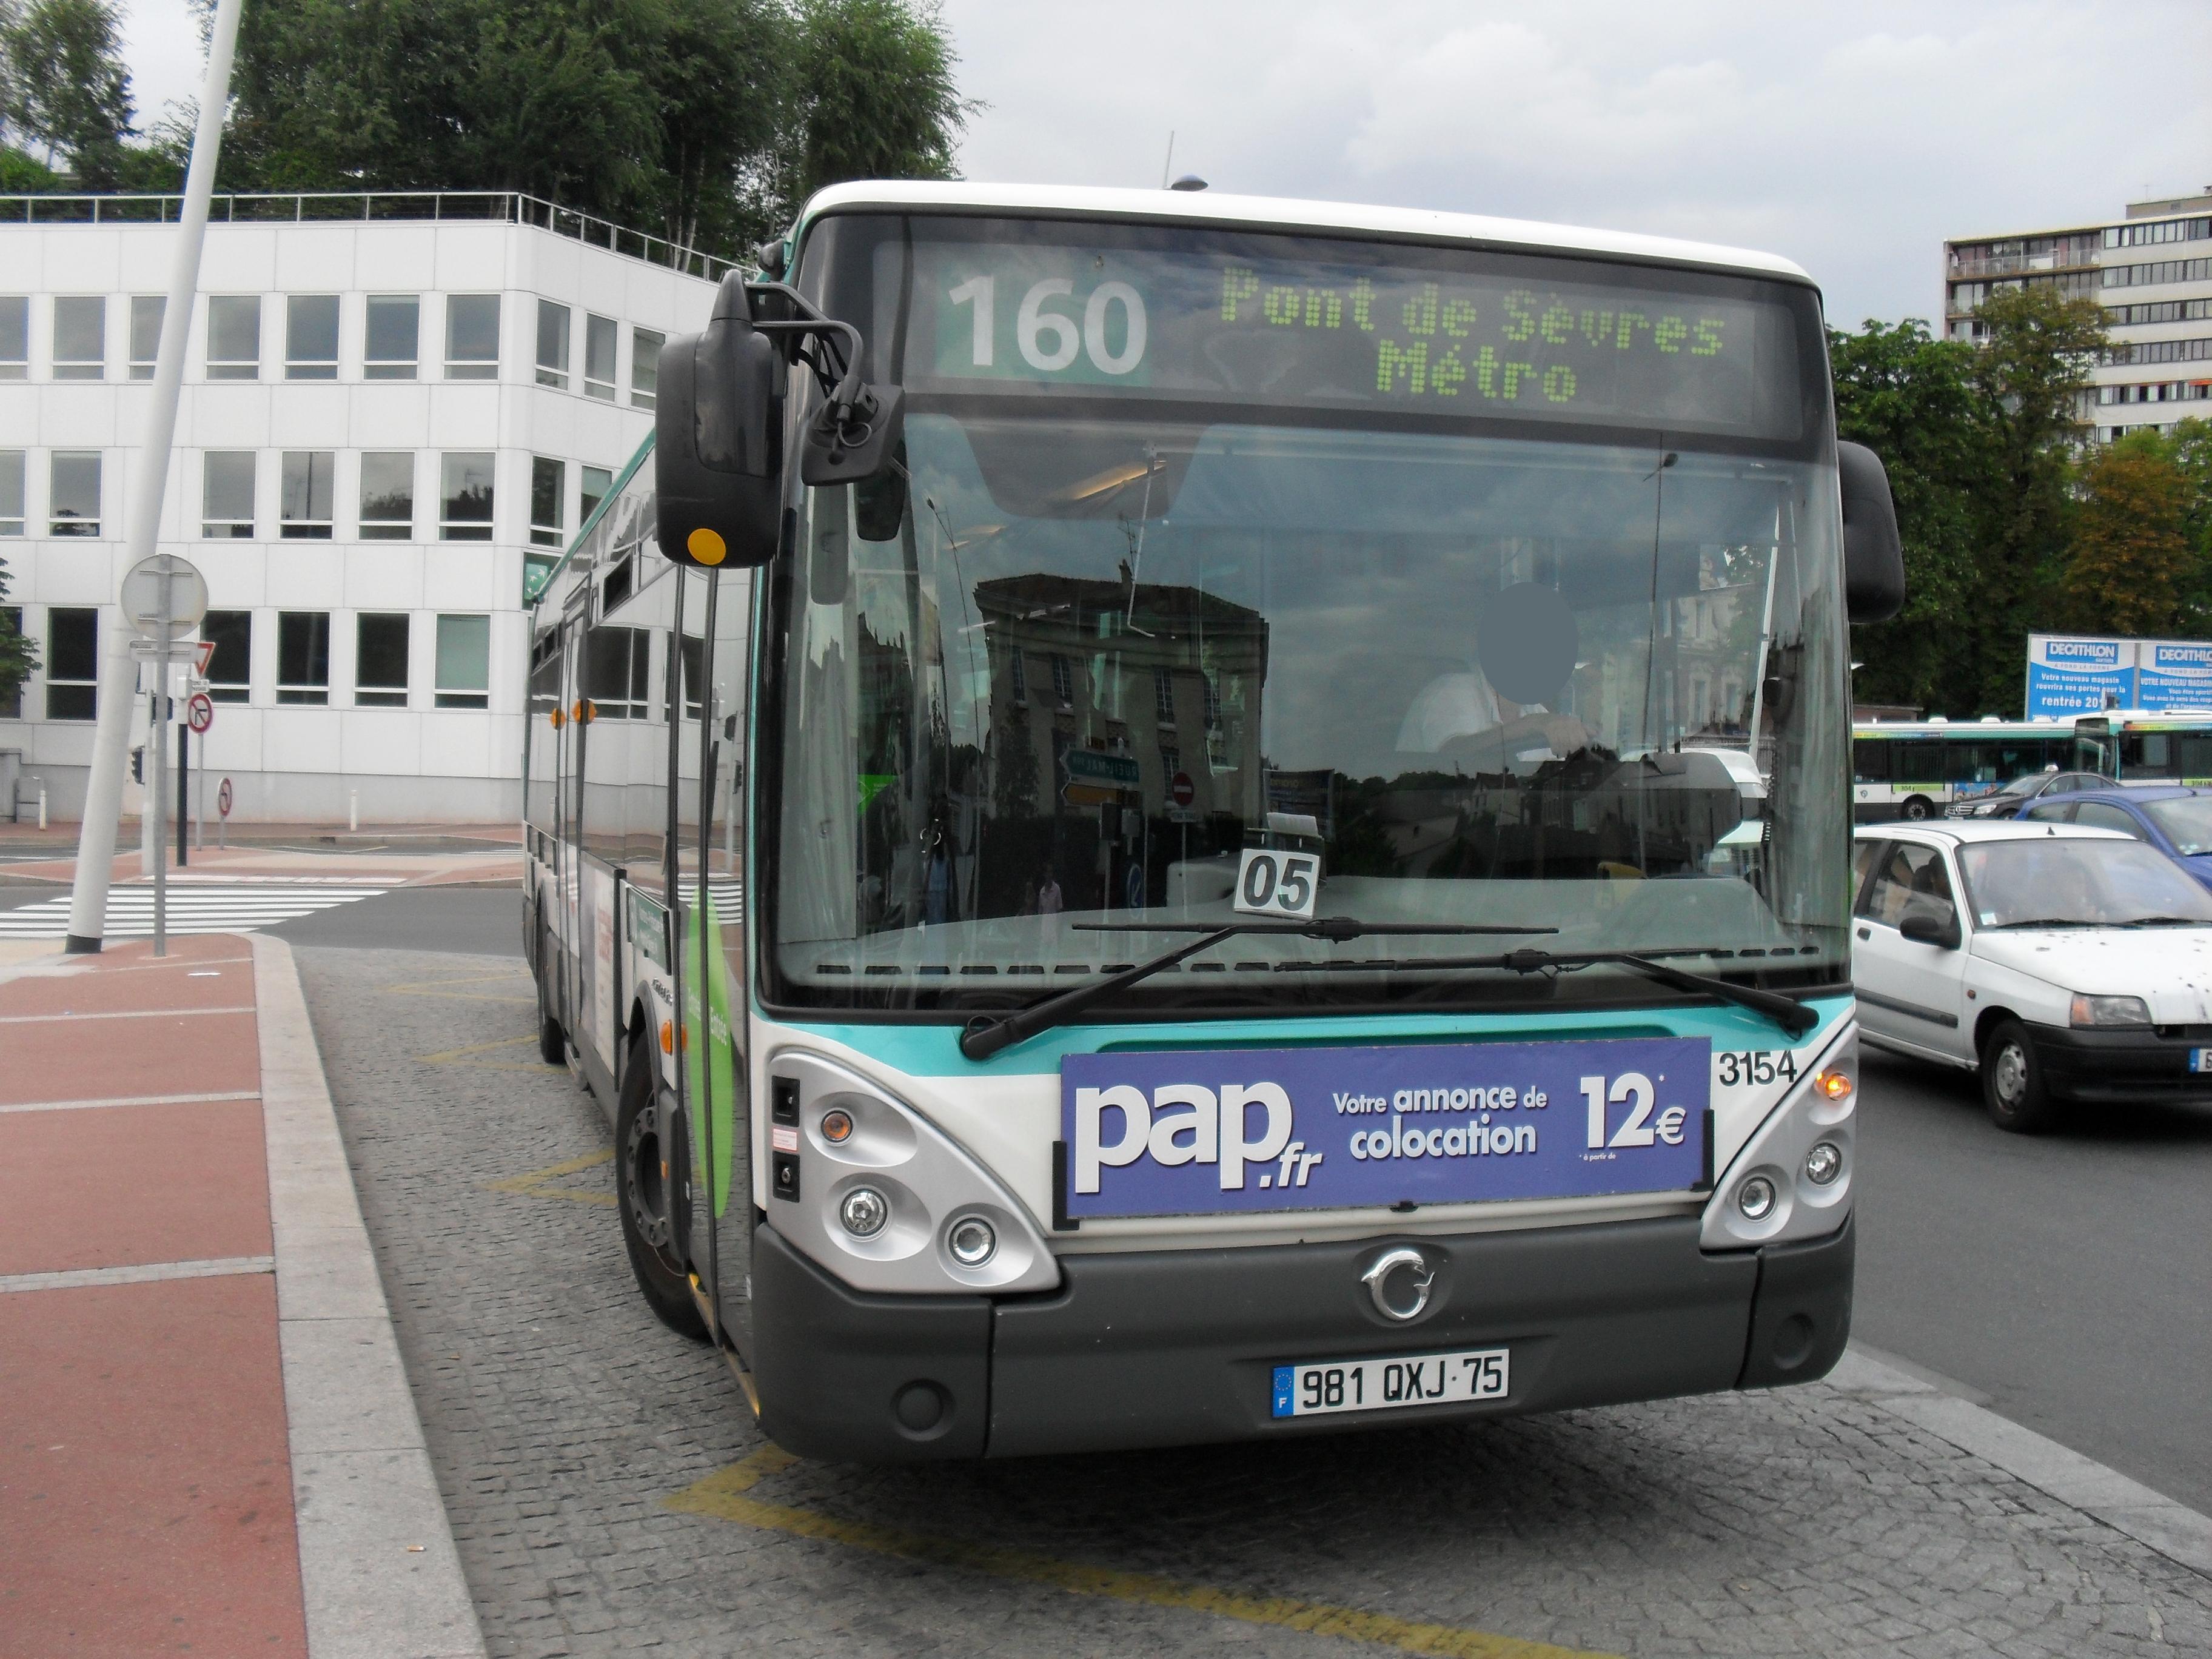 bus 160 exam 2